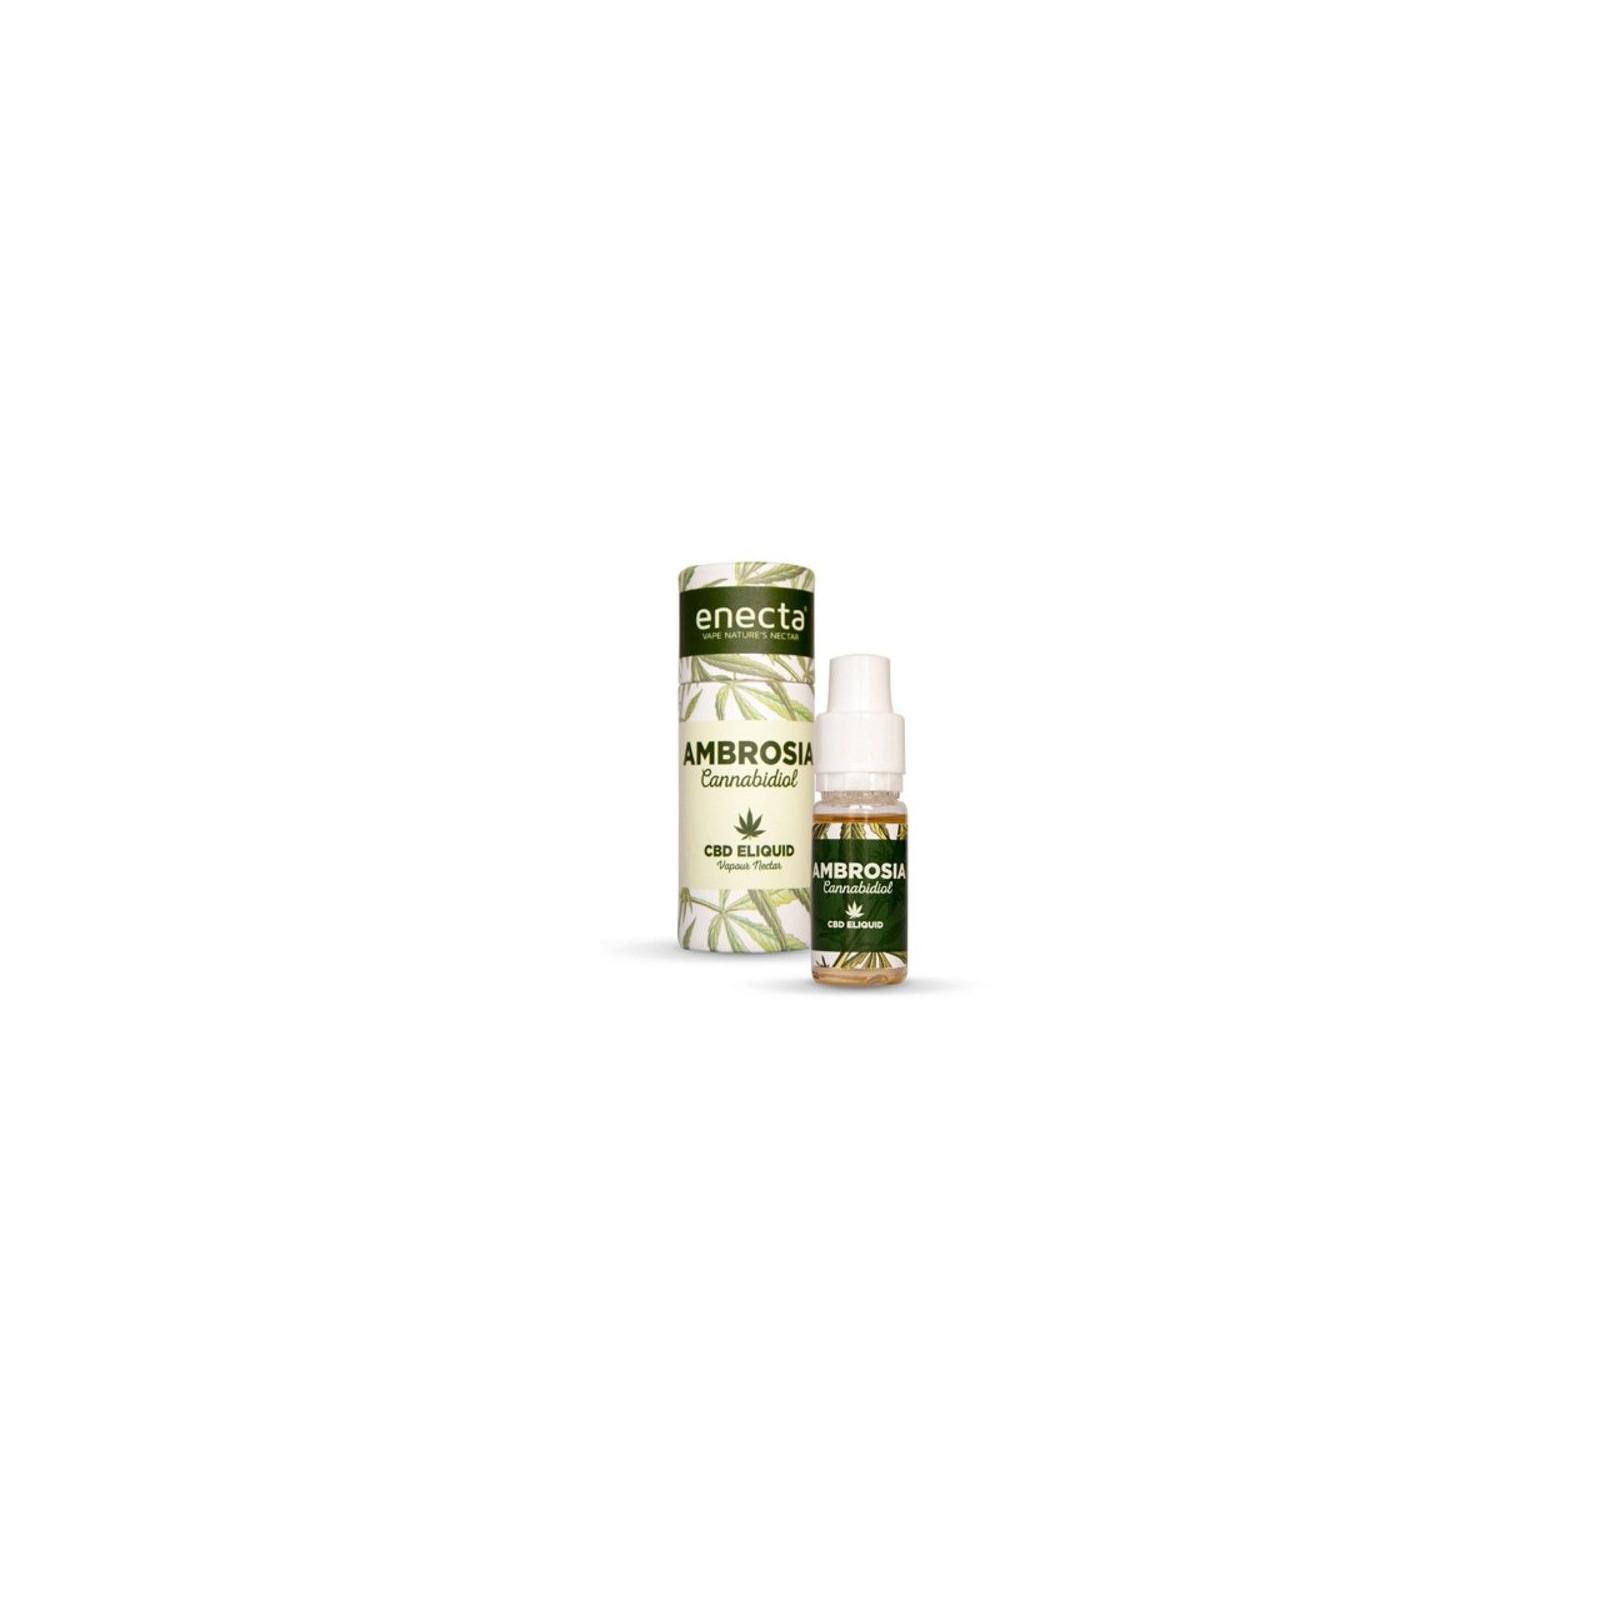 Ambrosia Cannabis CBD